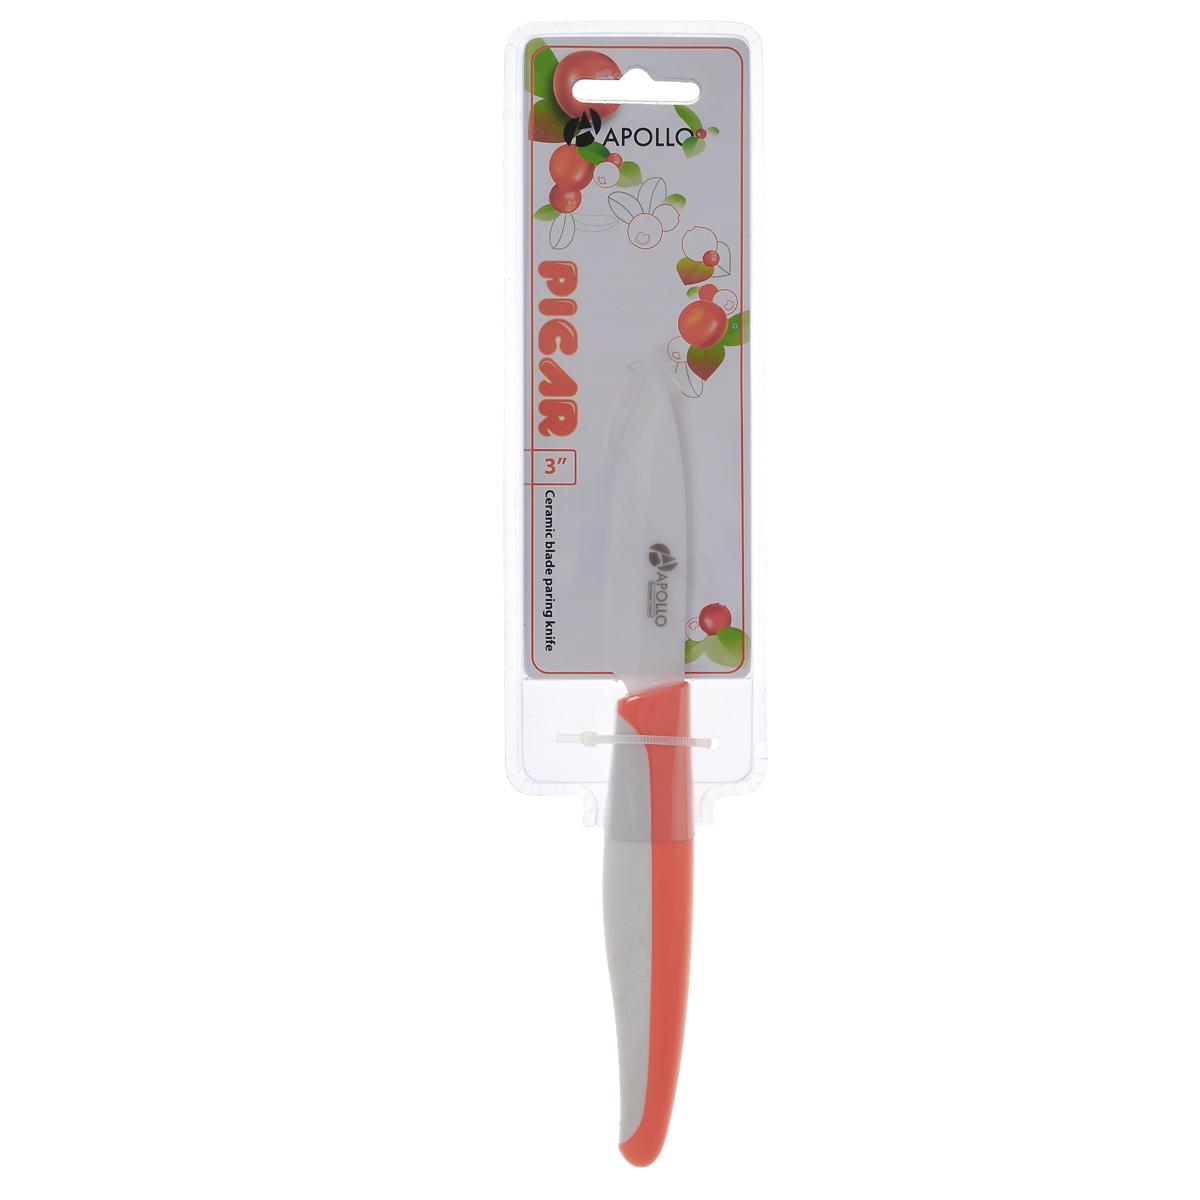 Нож для чистки овощей Apollo Picar, керамический, цвет: оранжевый, длина лезвия 8 смPCR-03оранжевыйНож Apollo Picar изготовлен из высококачественной циркониевой керамики - гигиеничного, экологически чистого материала. Нож имеет острое лезвие, не требующее дополнительной заточки. Эргономичная рукоятка выполнена из высококачественного пищевого пластика. Рукоятка не скользит в руках и делает резку удобной и безопасной. Такой нож желательно использовать для нарезки овощей, фруктов или других мягких продуктов. Керамика - это отличная альтернатива металлу. В отличие от стальных ножей, керамические ножи не переносят ионы металла в пищу, не разрушаются от кислот овощей и фруктов и никогда не заржавеют. Этот нож будет служить вам многие годы при соблюдении простых правил. Общая длина ножа: 19 см.